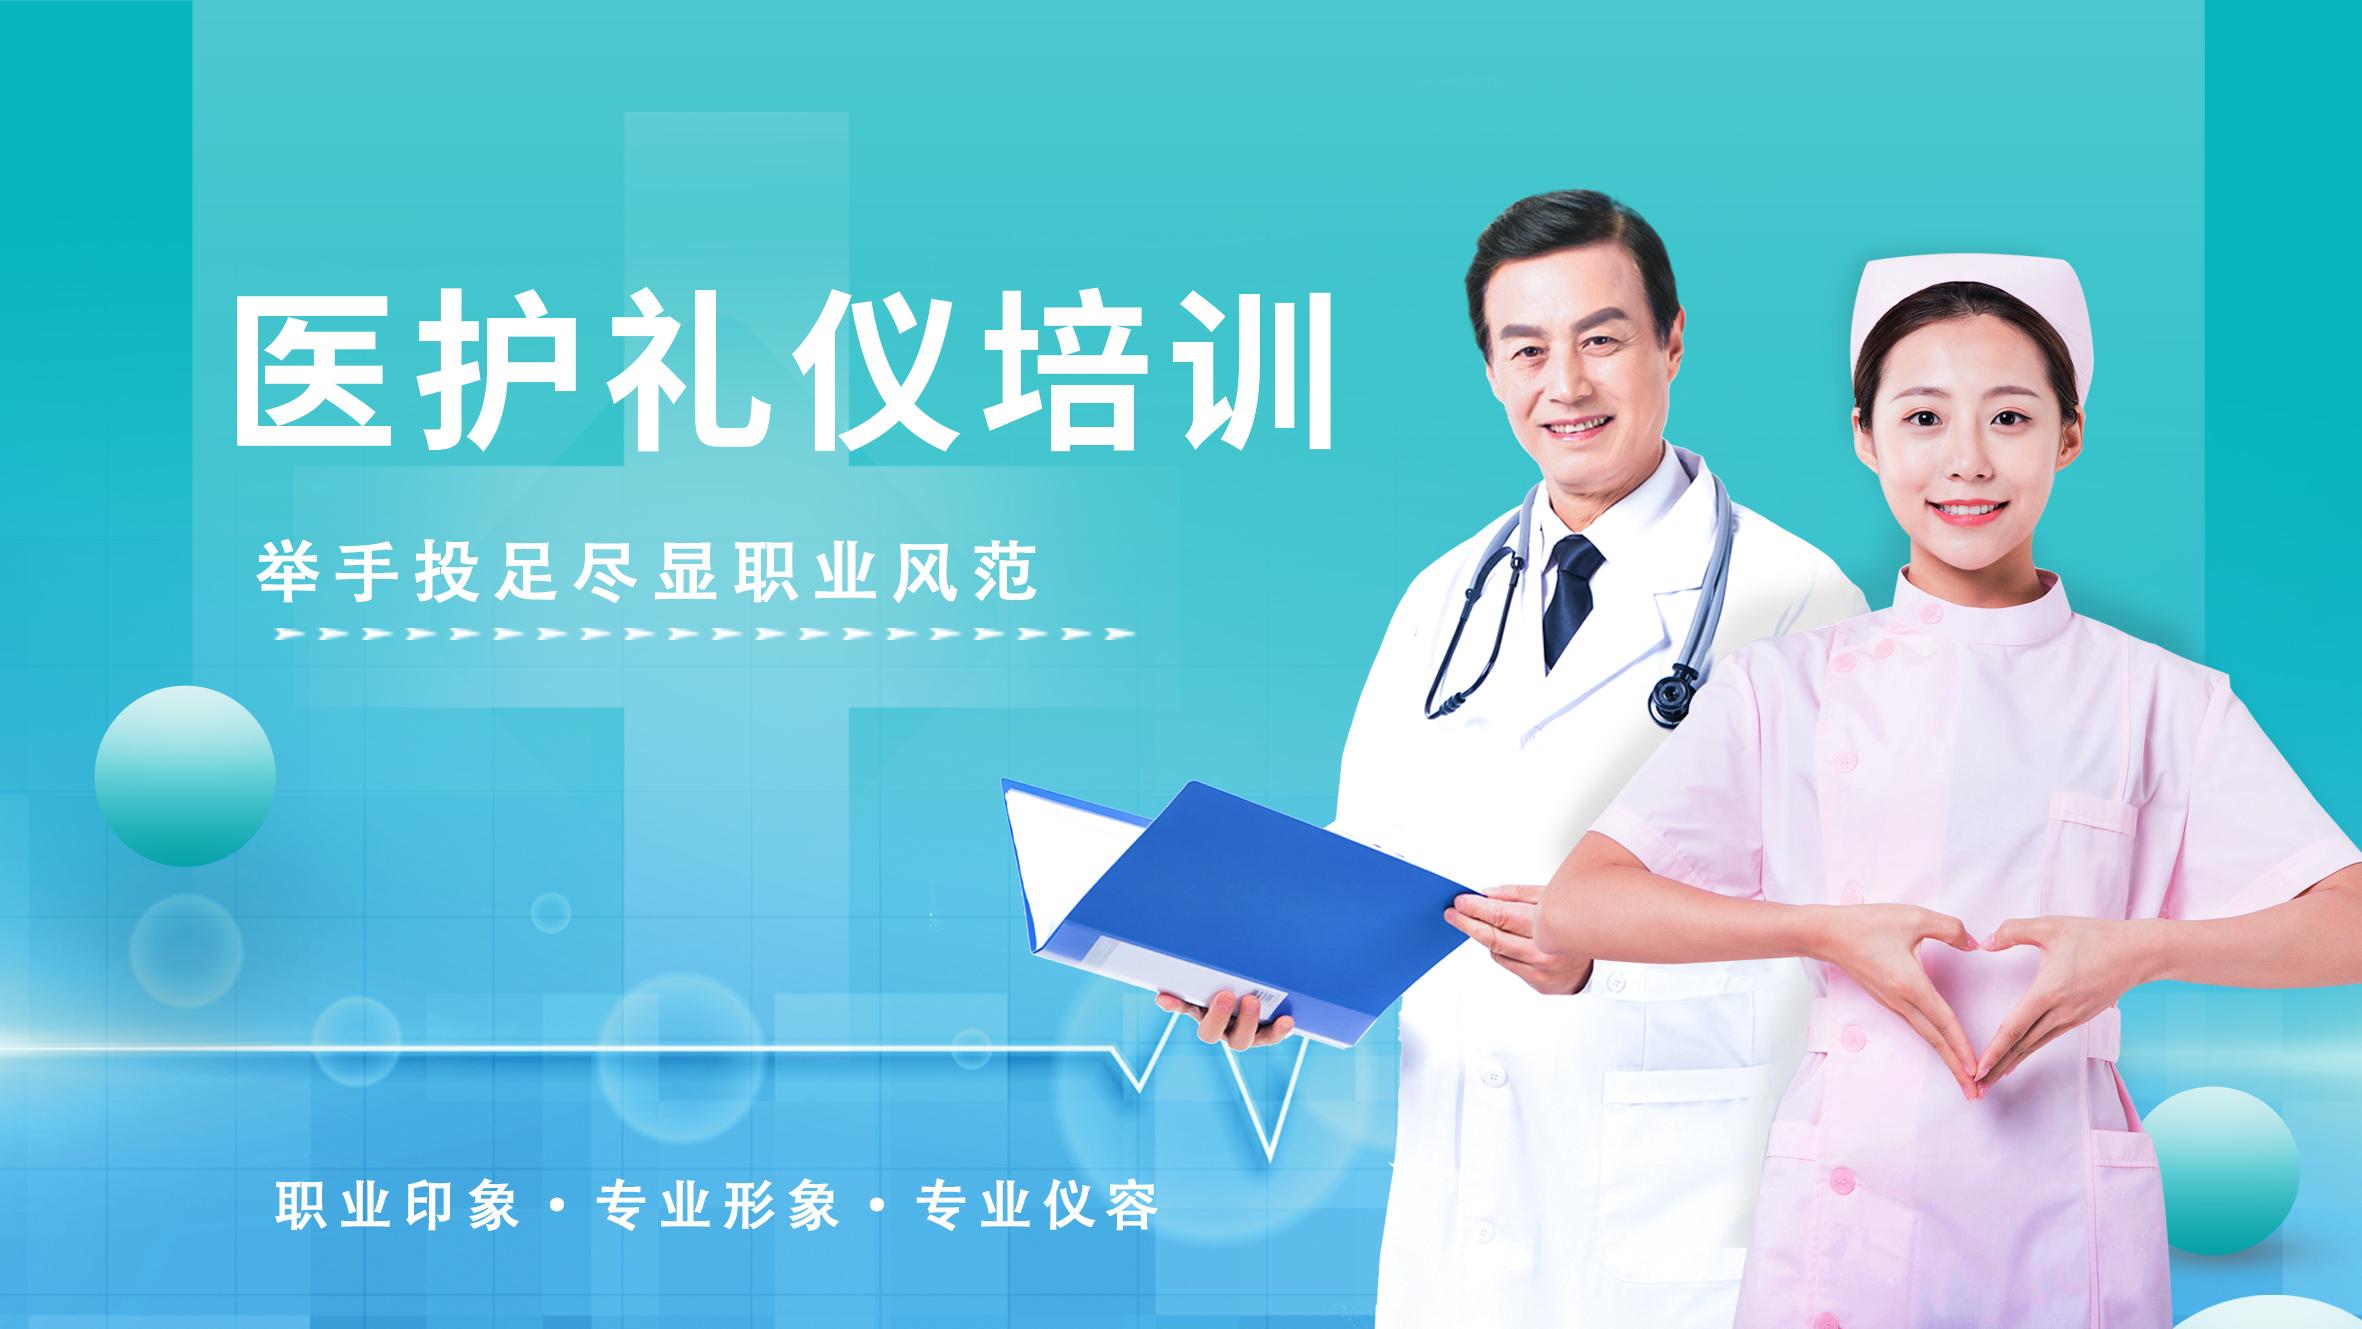 医务礼仪培训